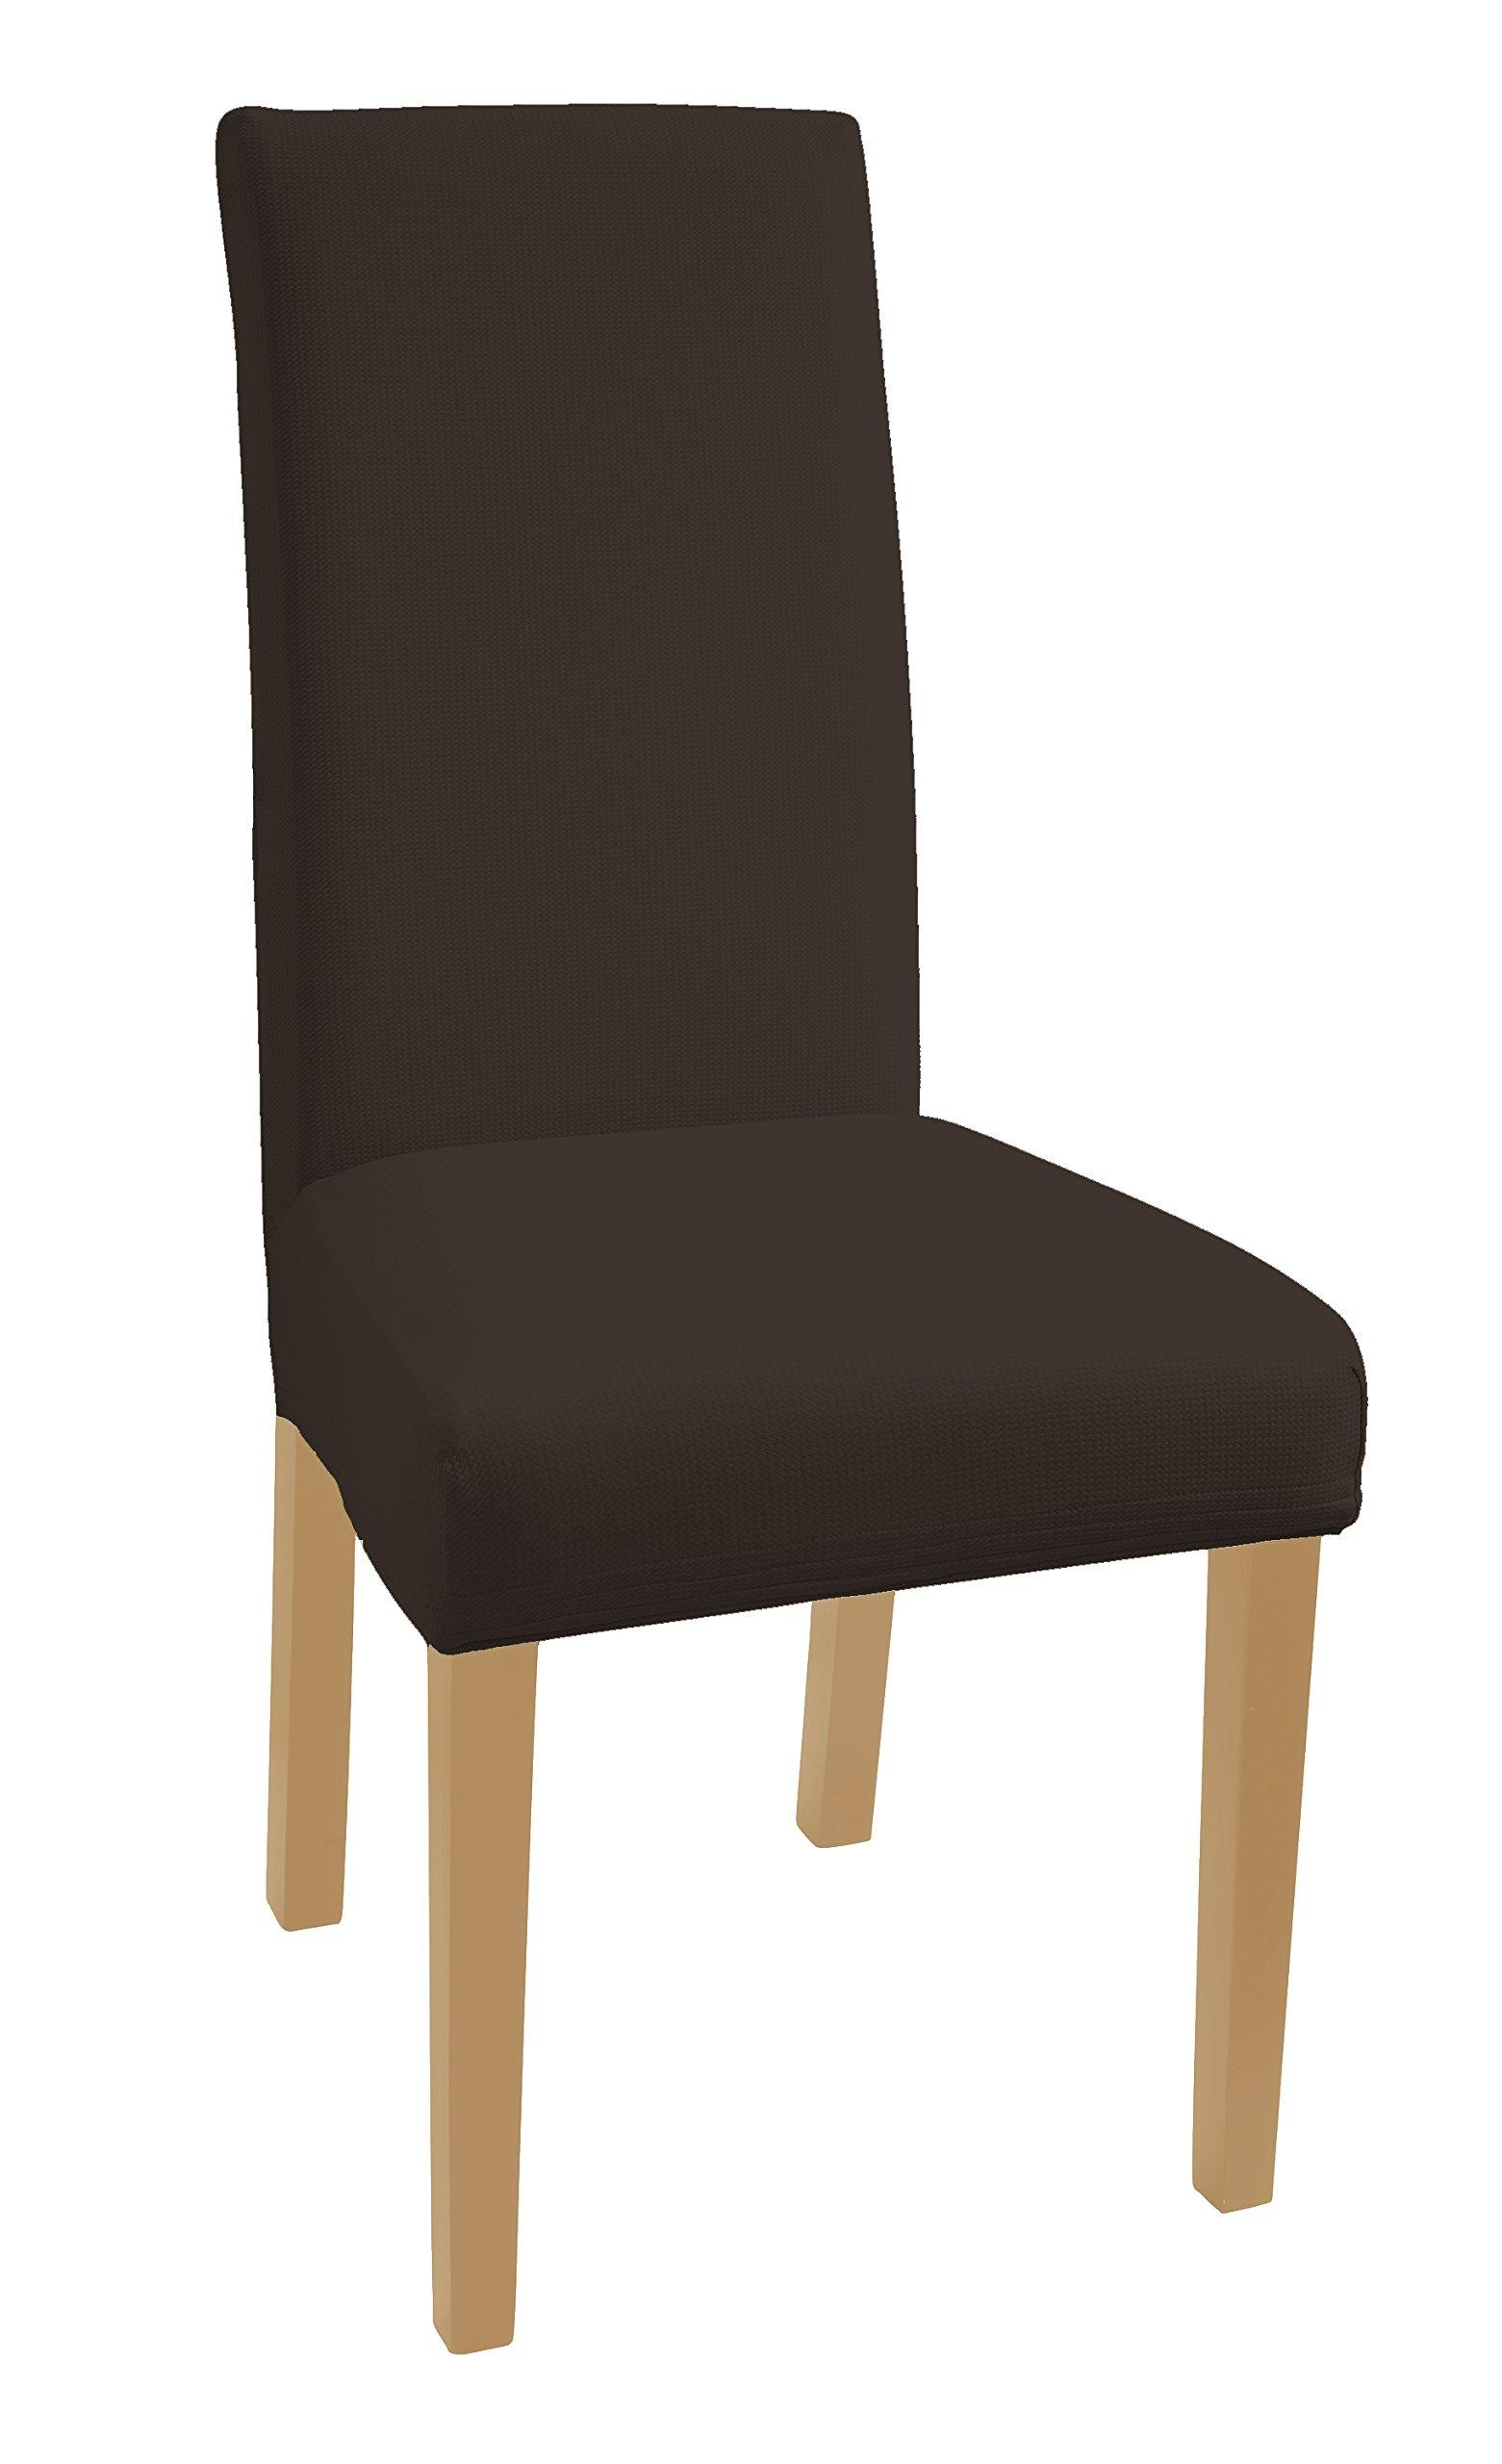 am besten bewertete produkte in der kategorie hussen. Black Bedroom Furniture Sets. Home Design Ideas